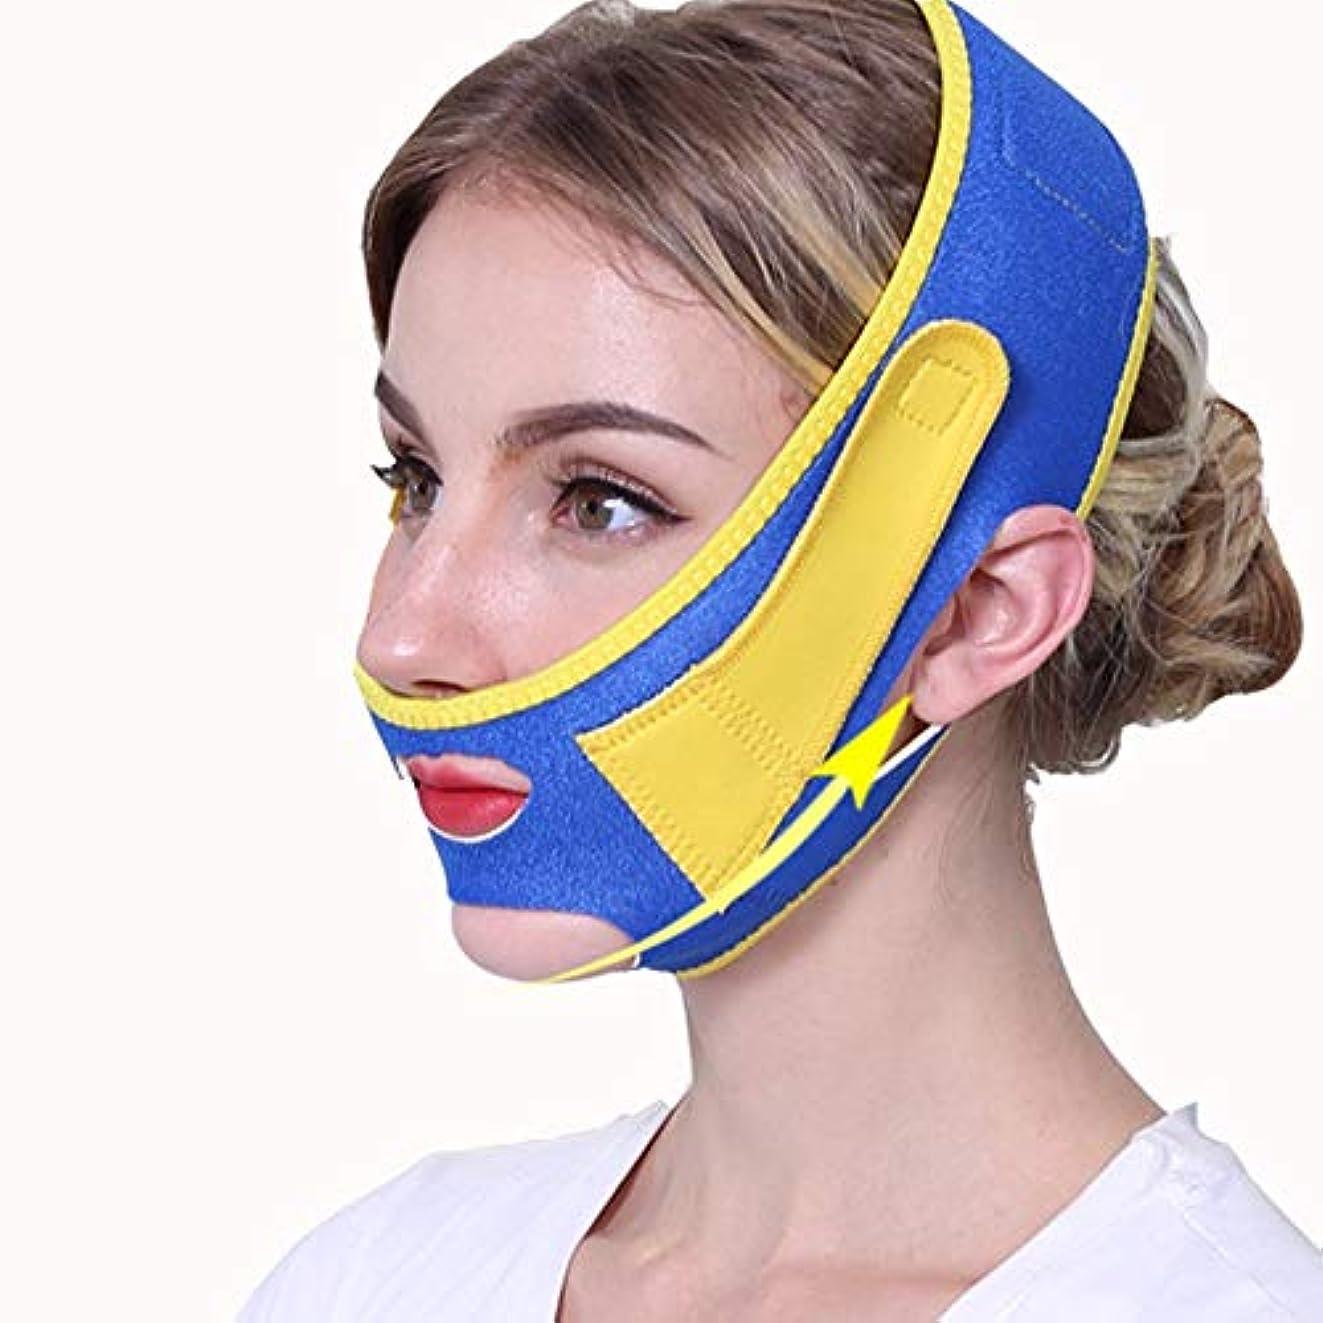 地雷原ジャベスウィルソン任命BS フェイシャルリフティング痩身ベルトフェイス包帯マスク整形マスクフェイスベルトを引き締める薄型フェイス包帯整形マスクフェイスと首の顔を引き締めスリム フェイスリフティングアーティファクト